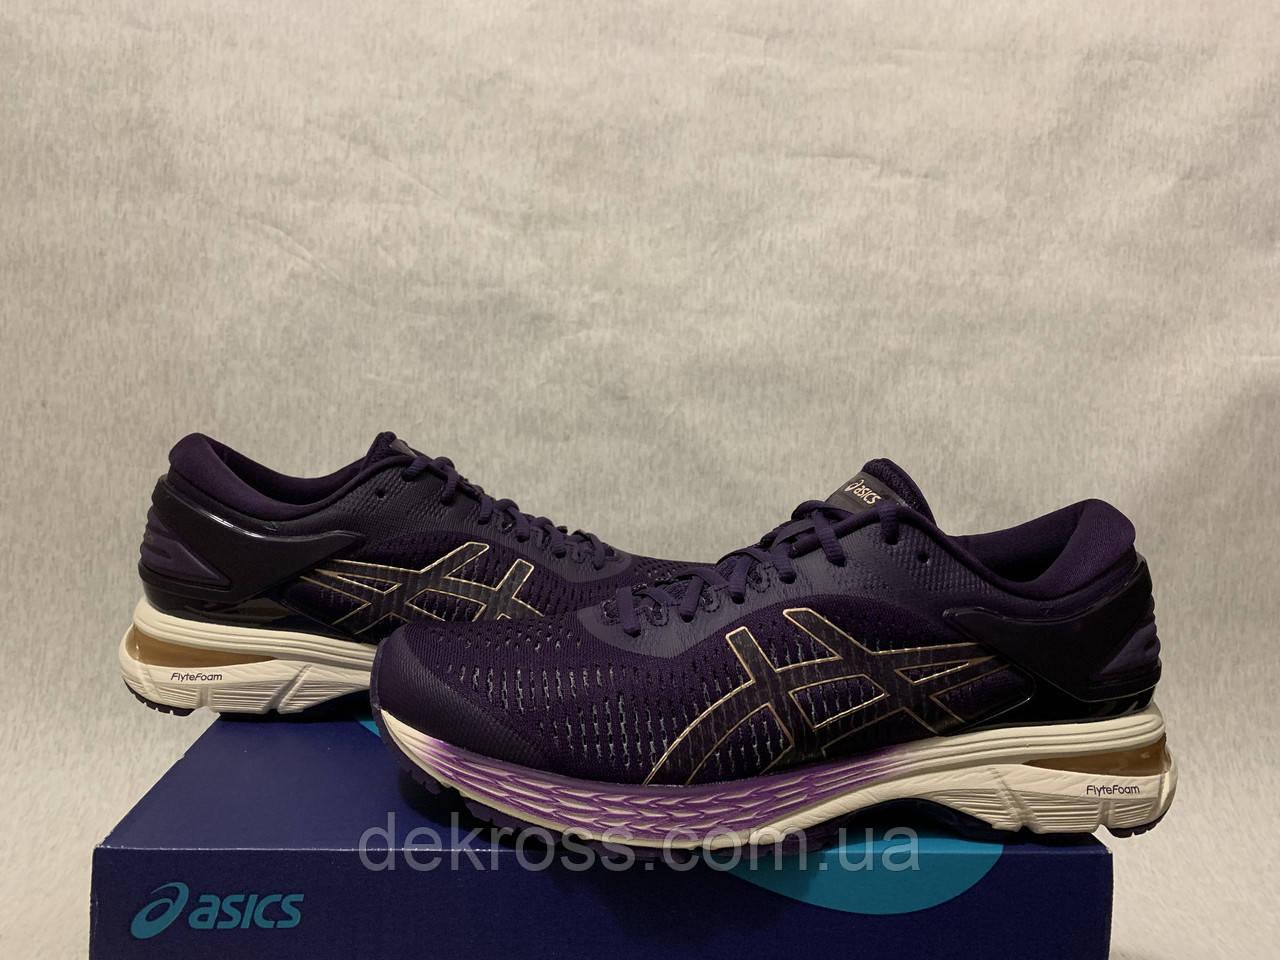 Кросівки Asics Gel-Kayano 25 Оригінал 1012A471